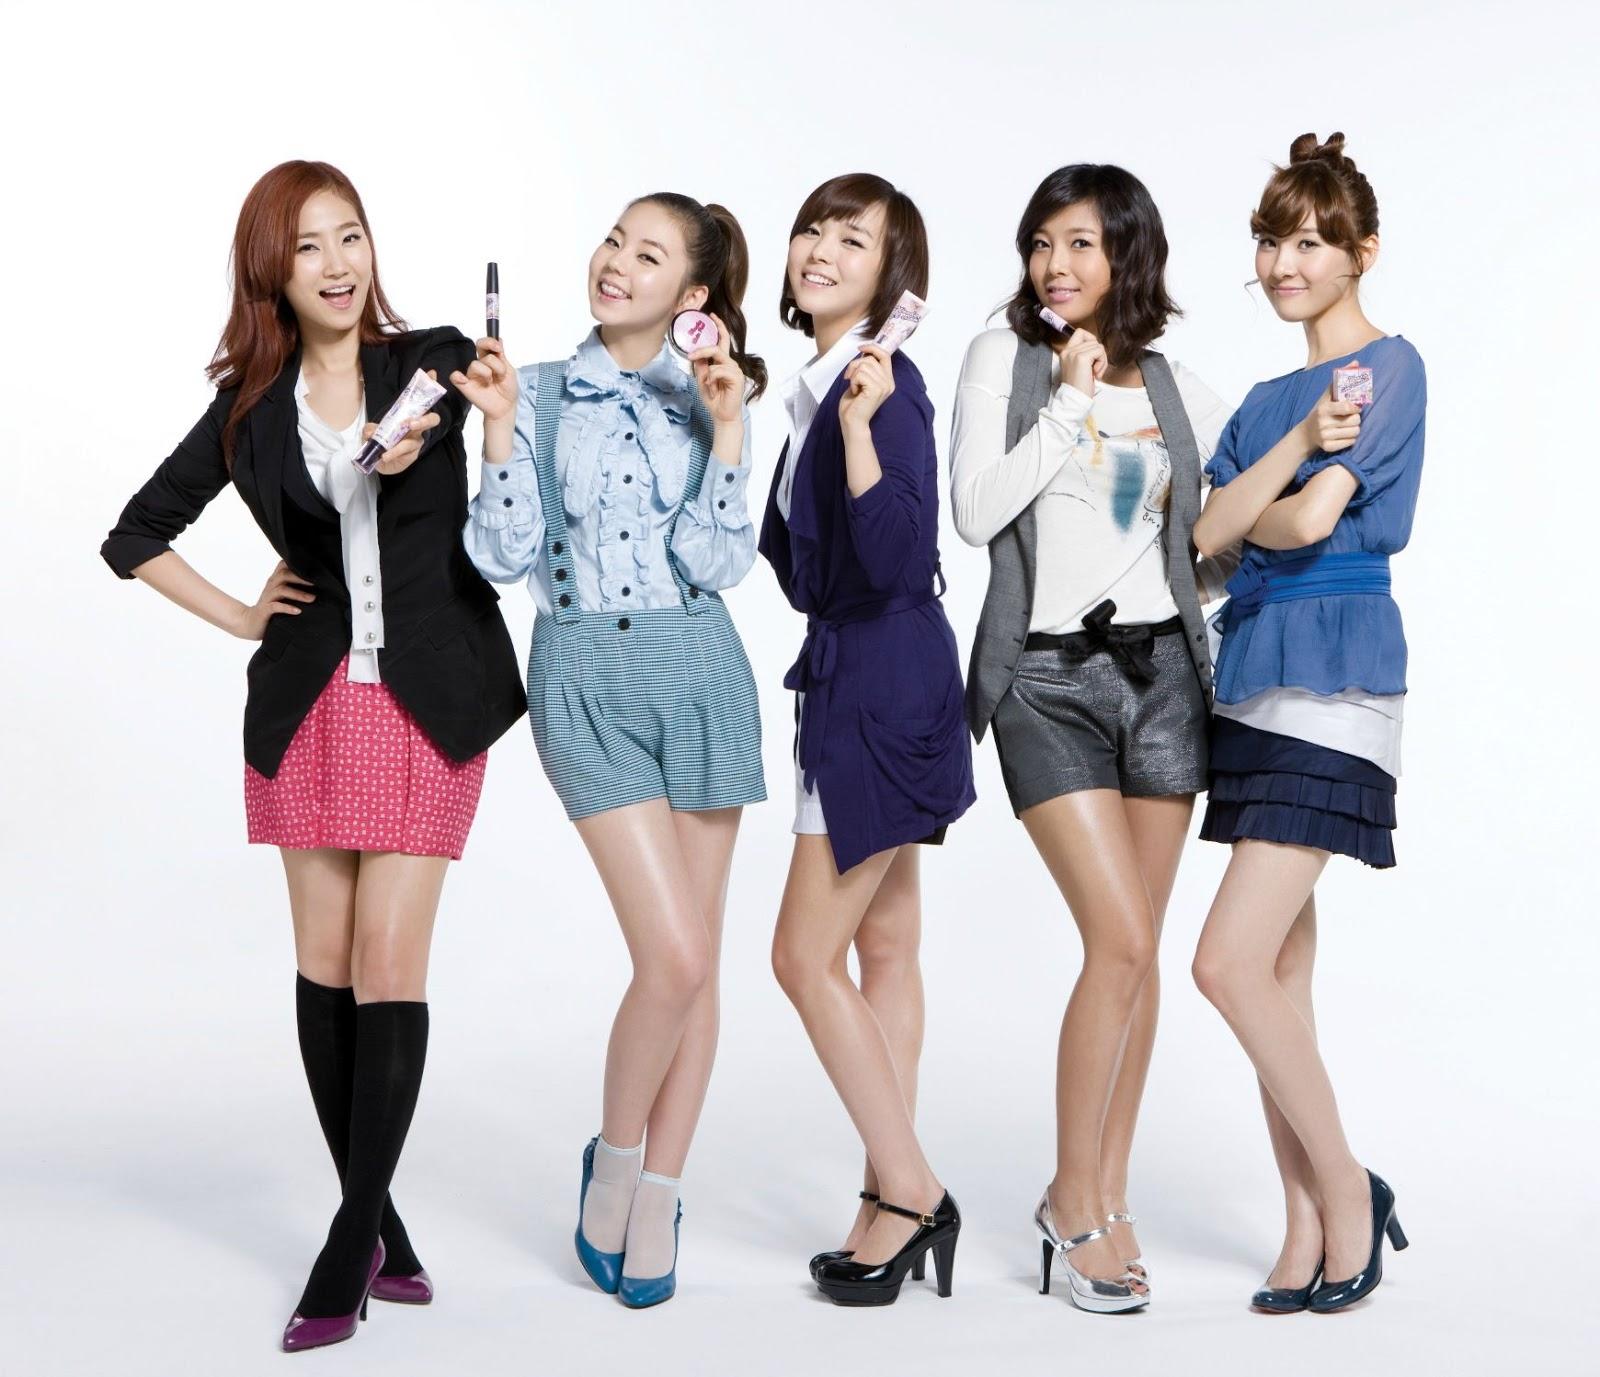 Wonder Girls Wallpaper HD